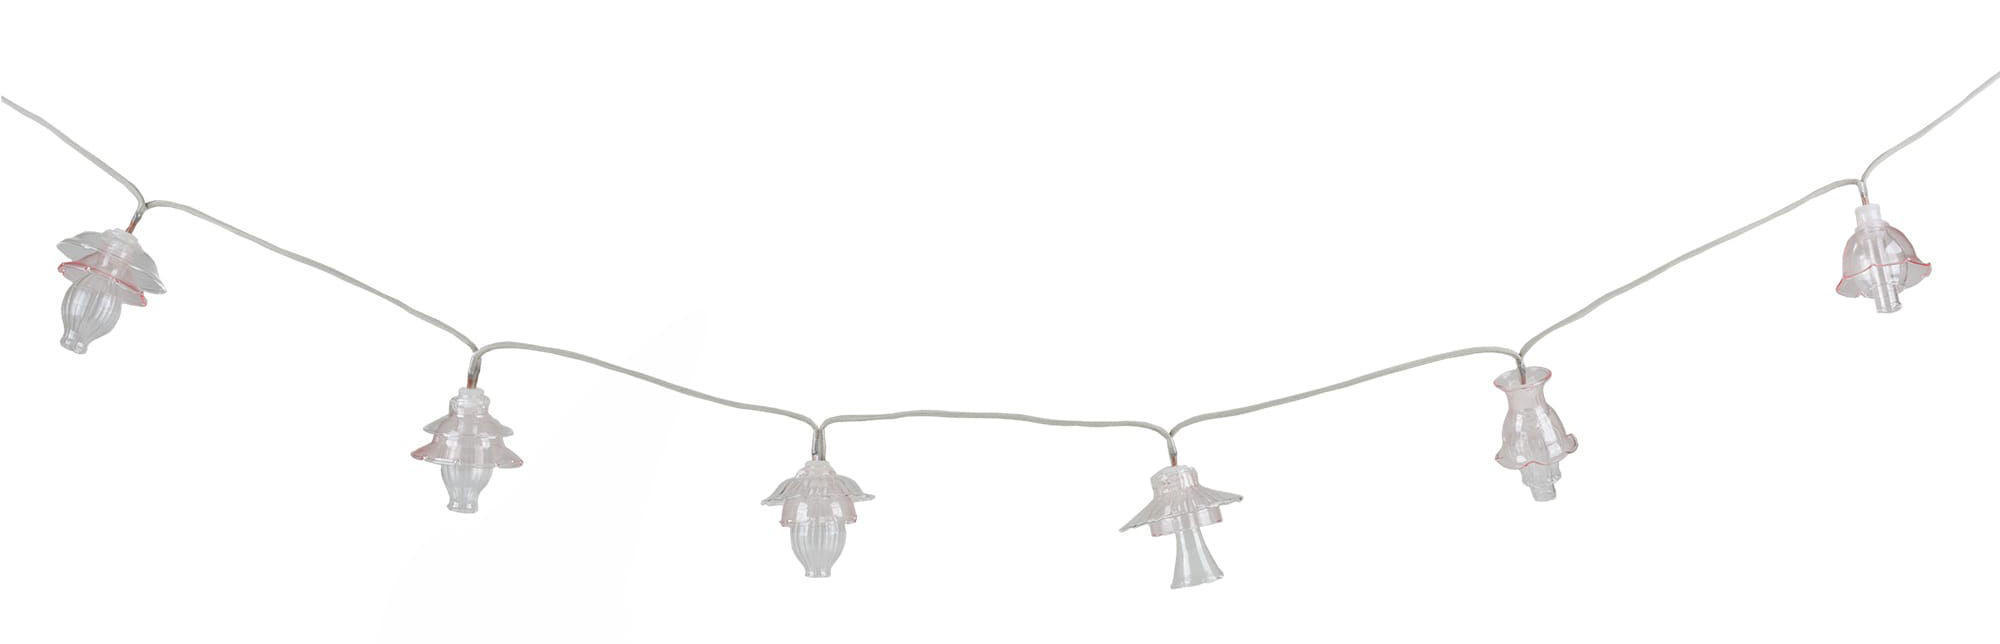 Luminaire - Mobilier et objets lumineux - Guirlande lumineuse Floralia / LED - 12 abat-jours verre - L 420 cm - Seletti - Rose pâle - Verre soufflé